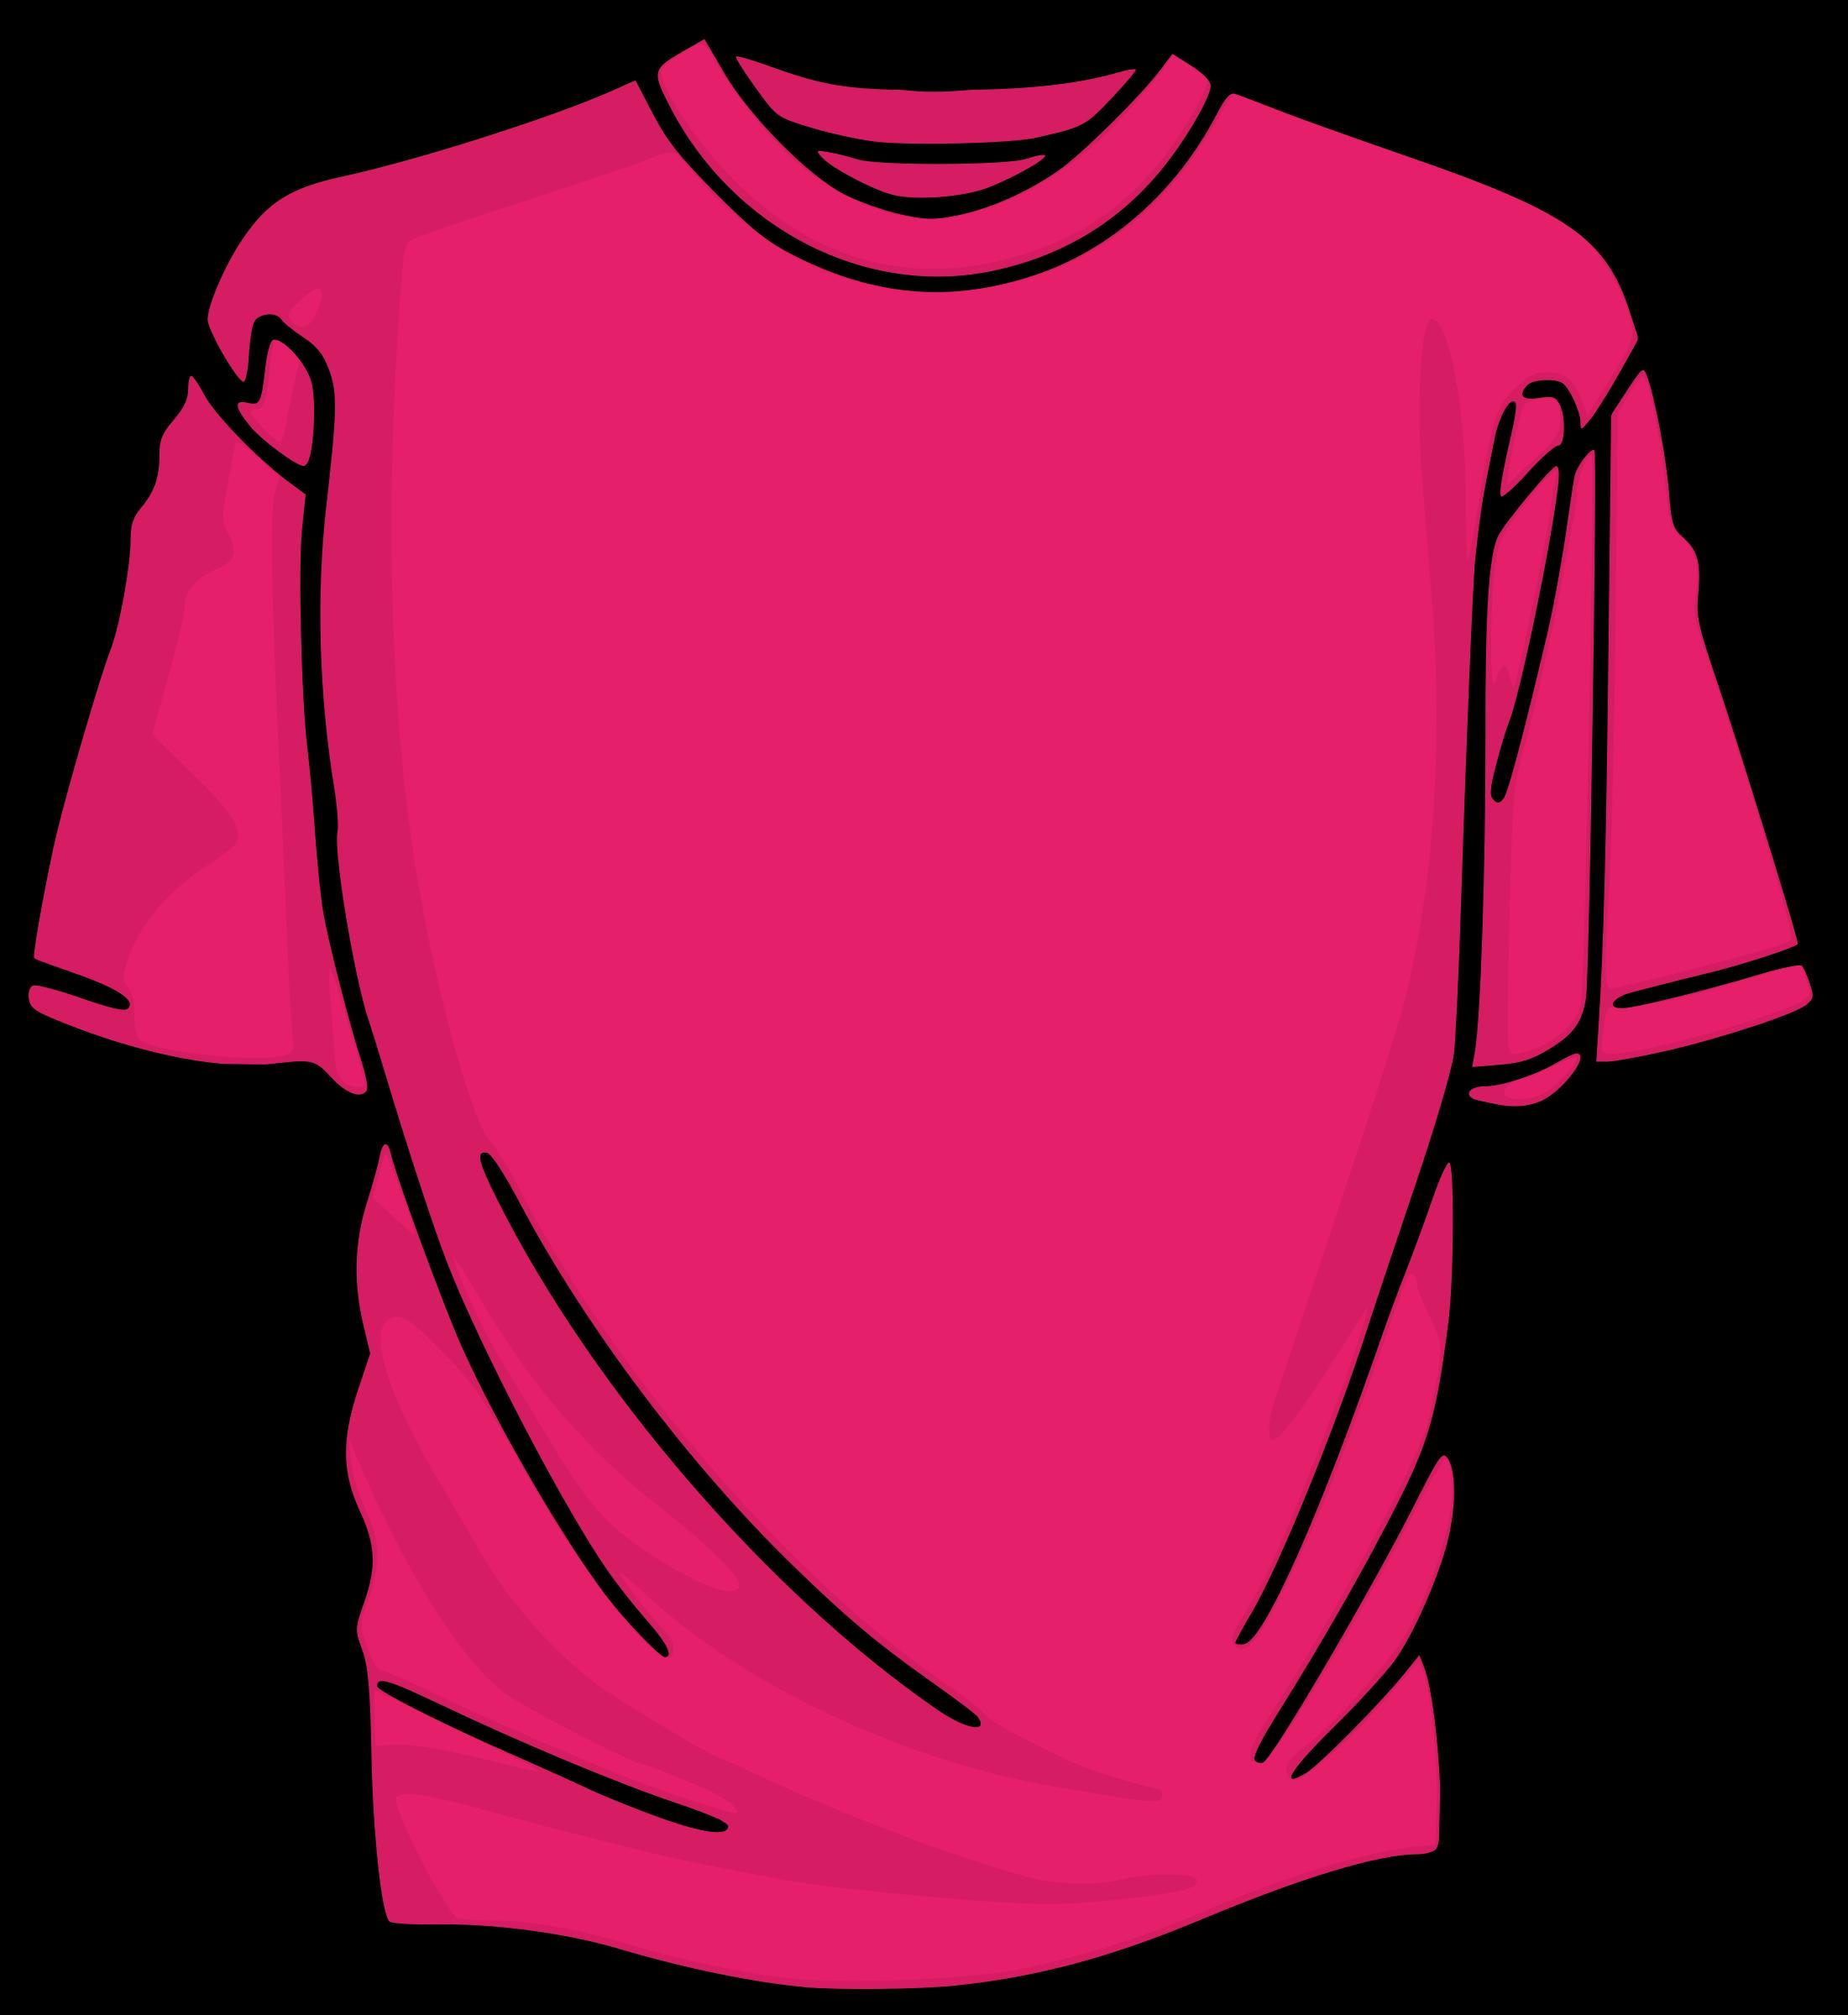 Clipart - Pink T-Shirt